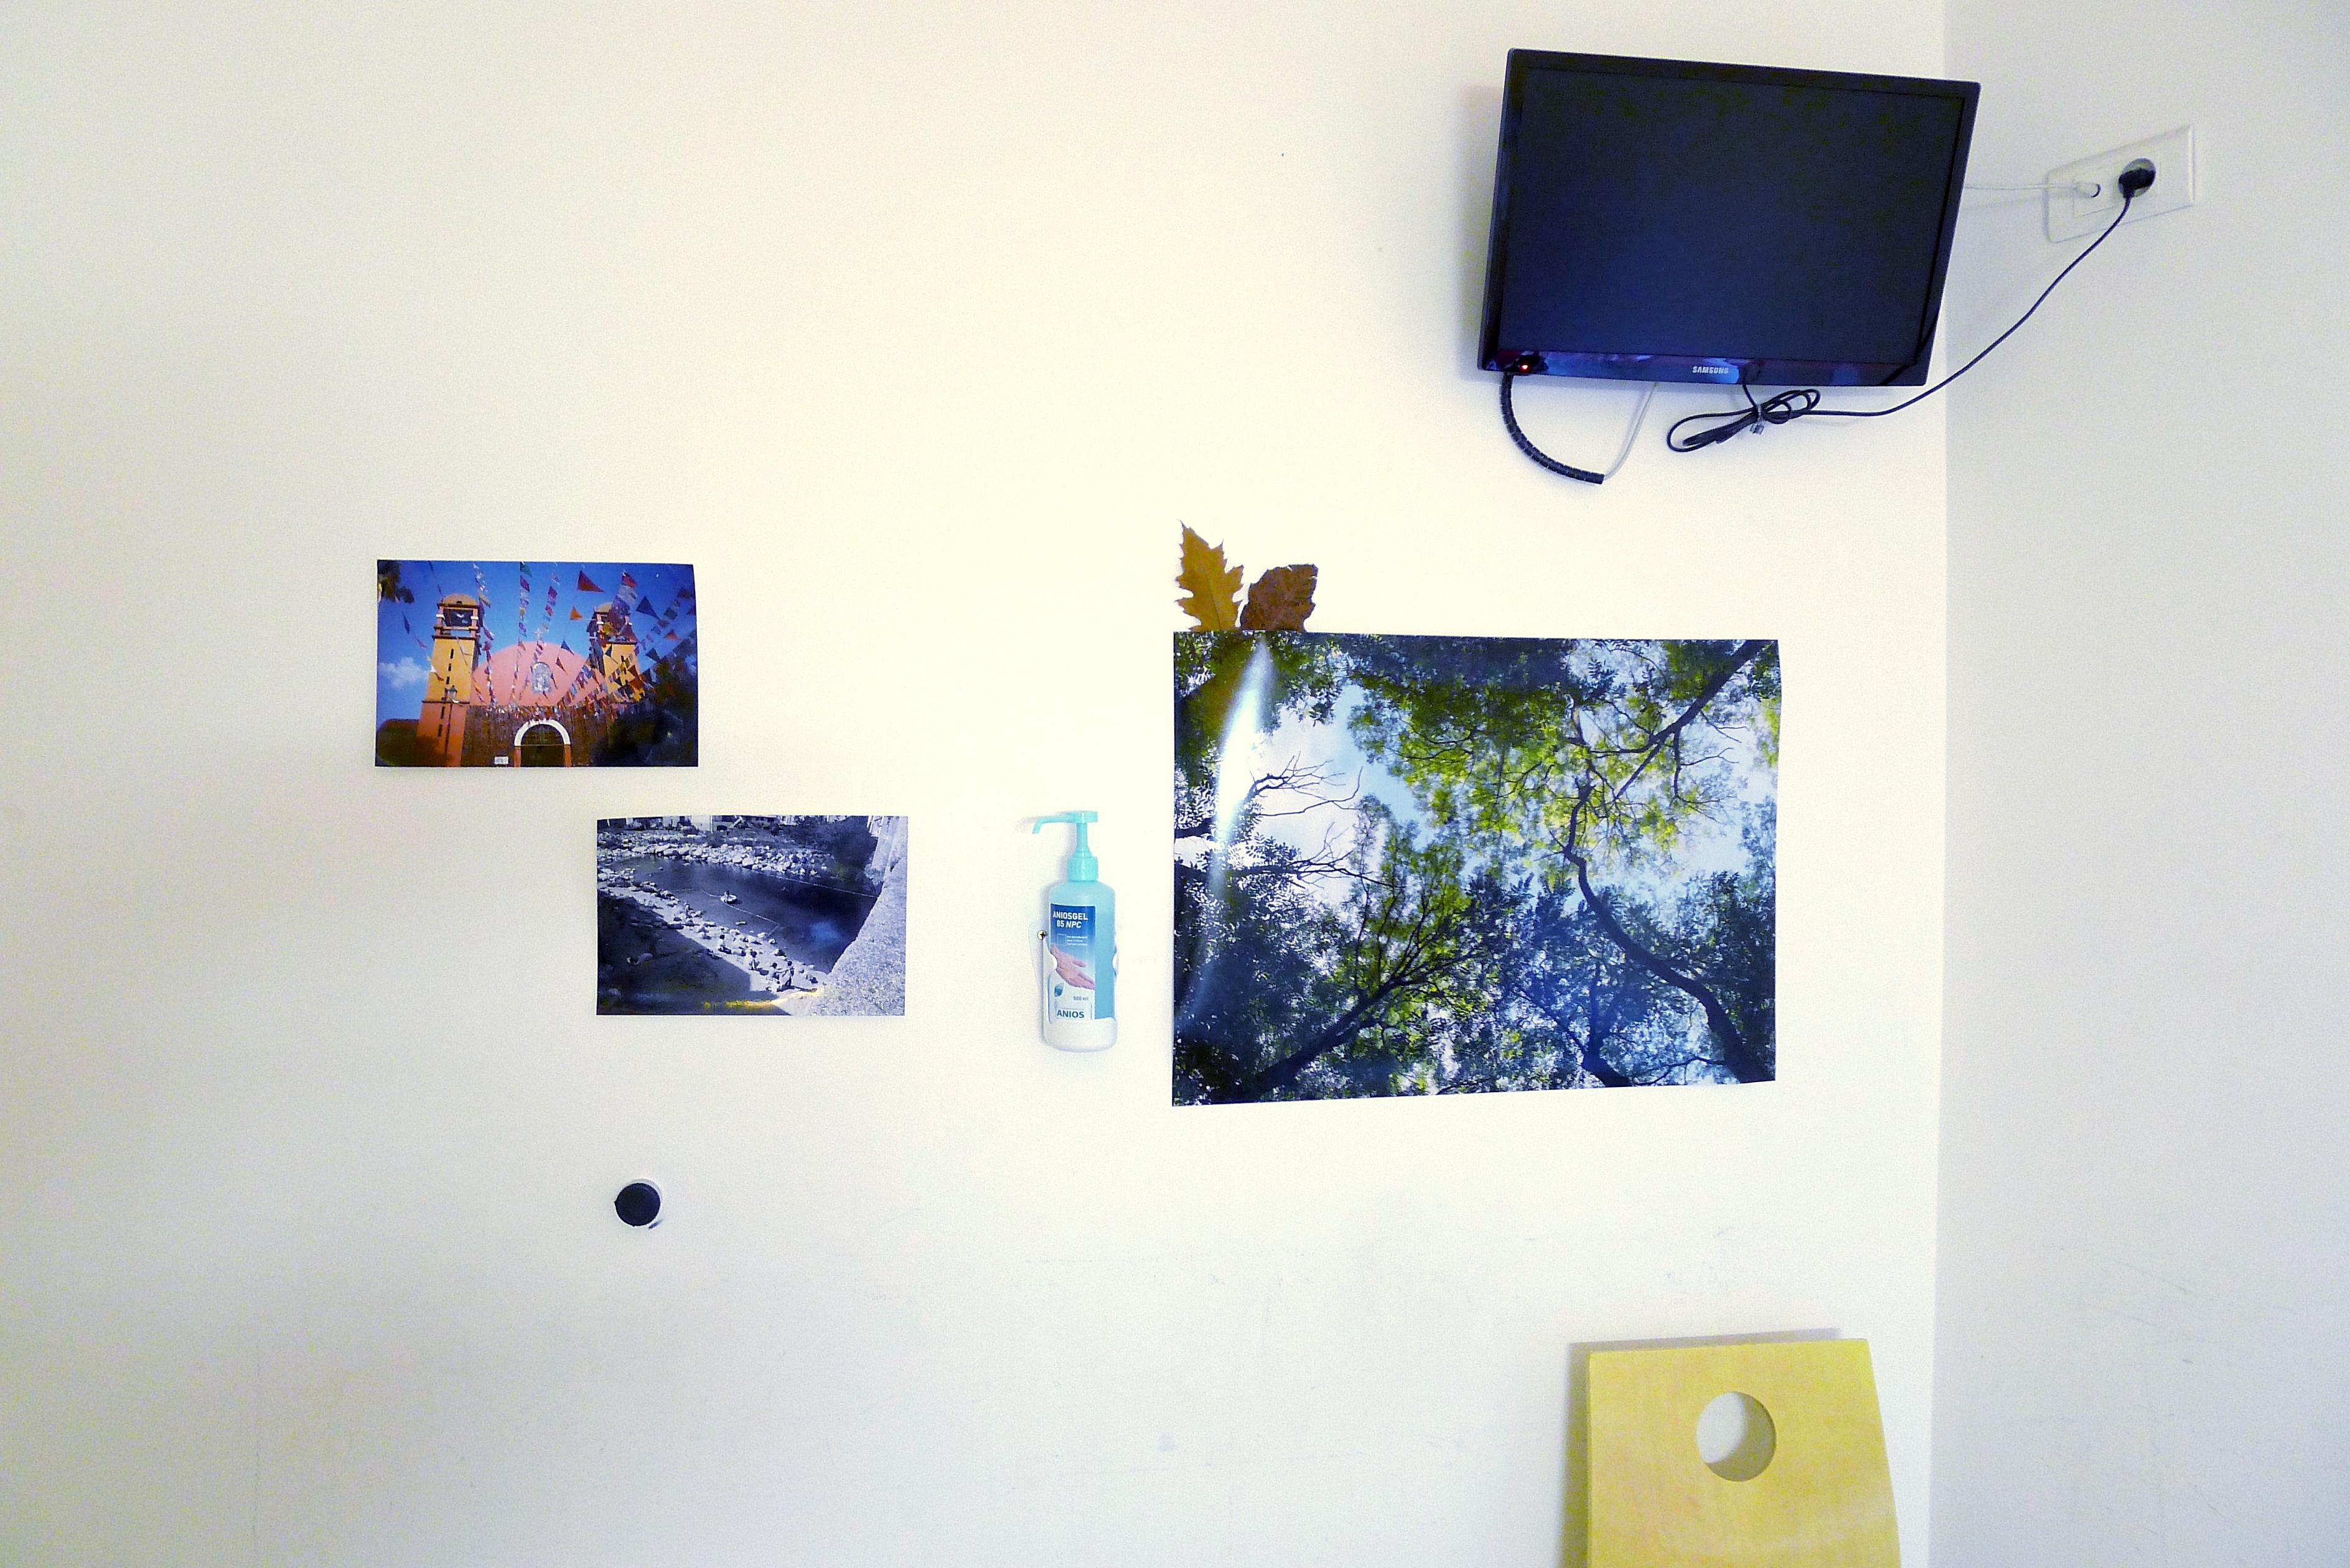 Le tirage au mur de la chambre - S'il n'y avait qu'une image